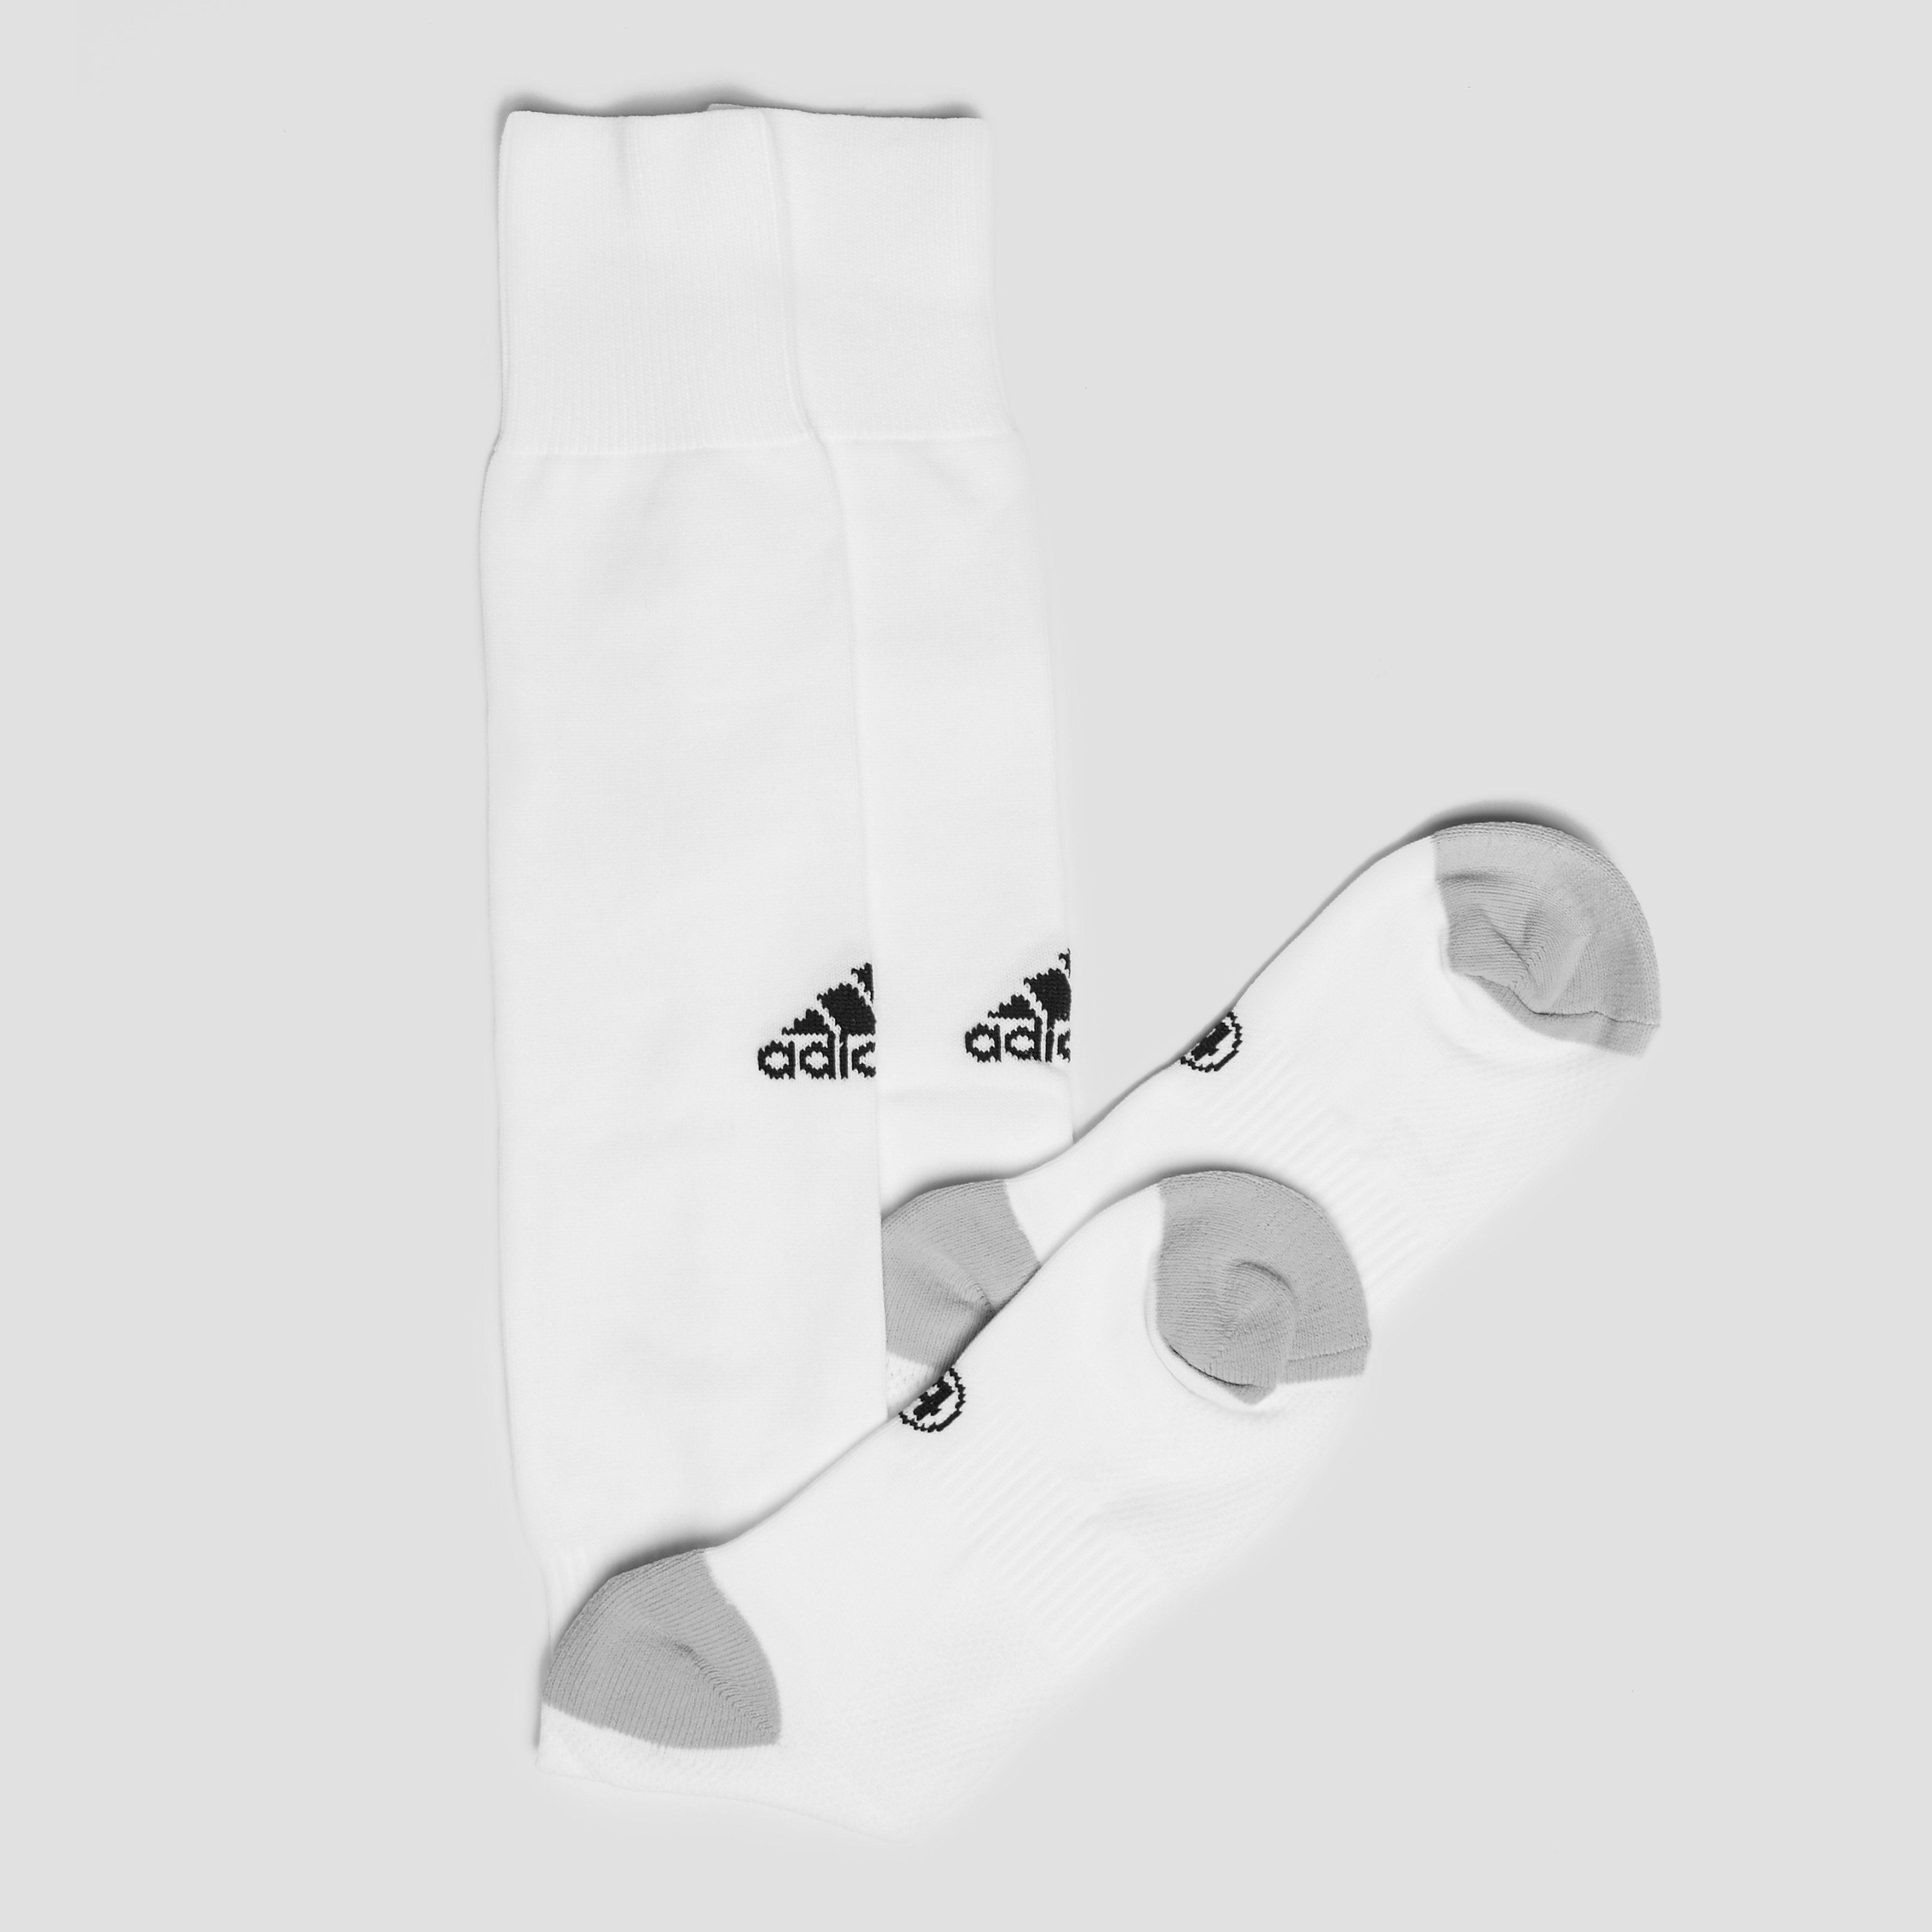 Milano Voetbalsokken Heren - White